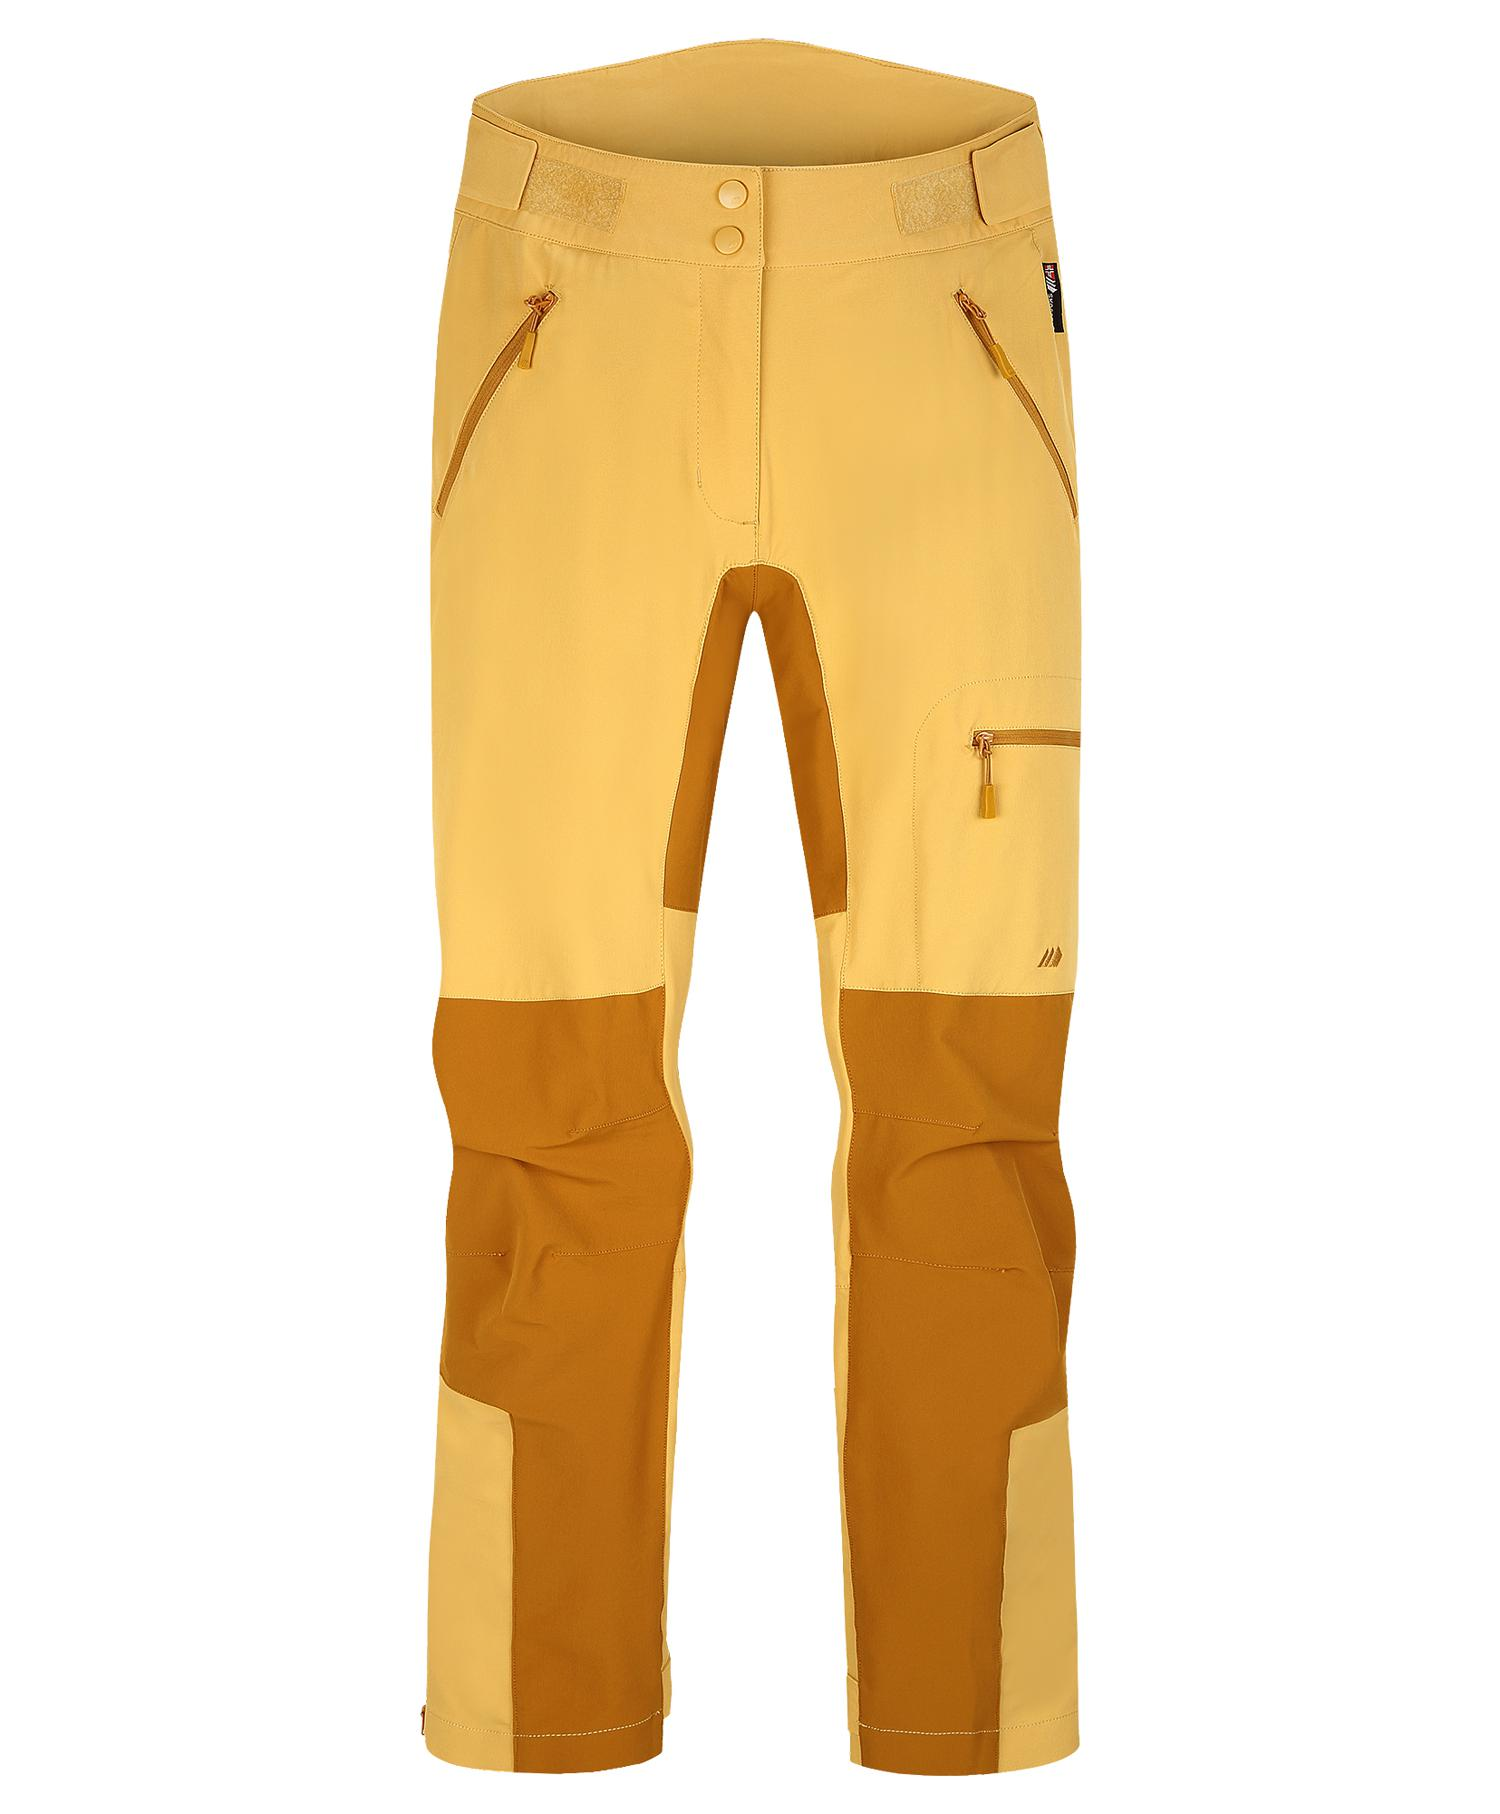 Skogstad Ringstind bukse dame